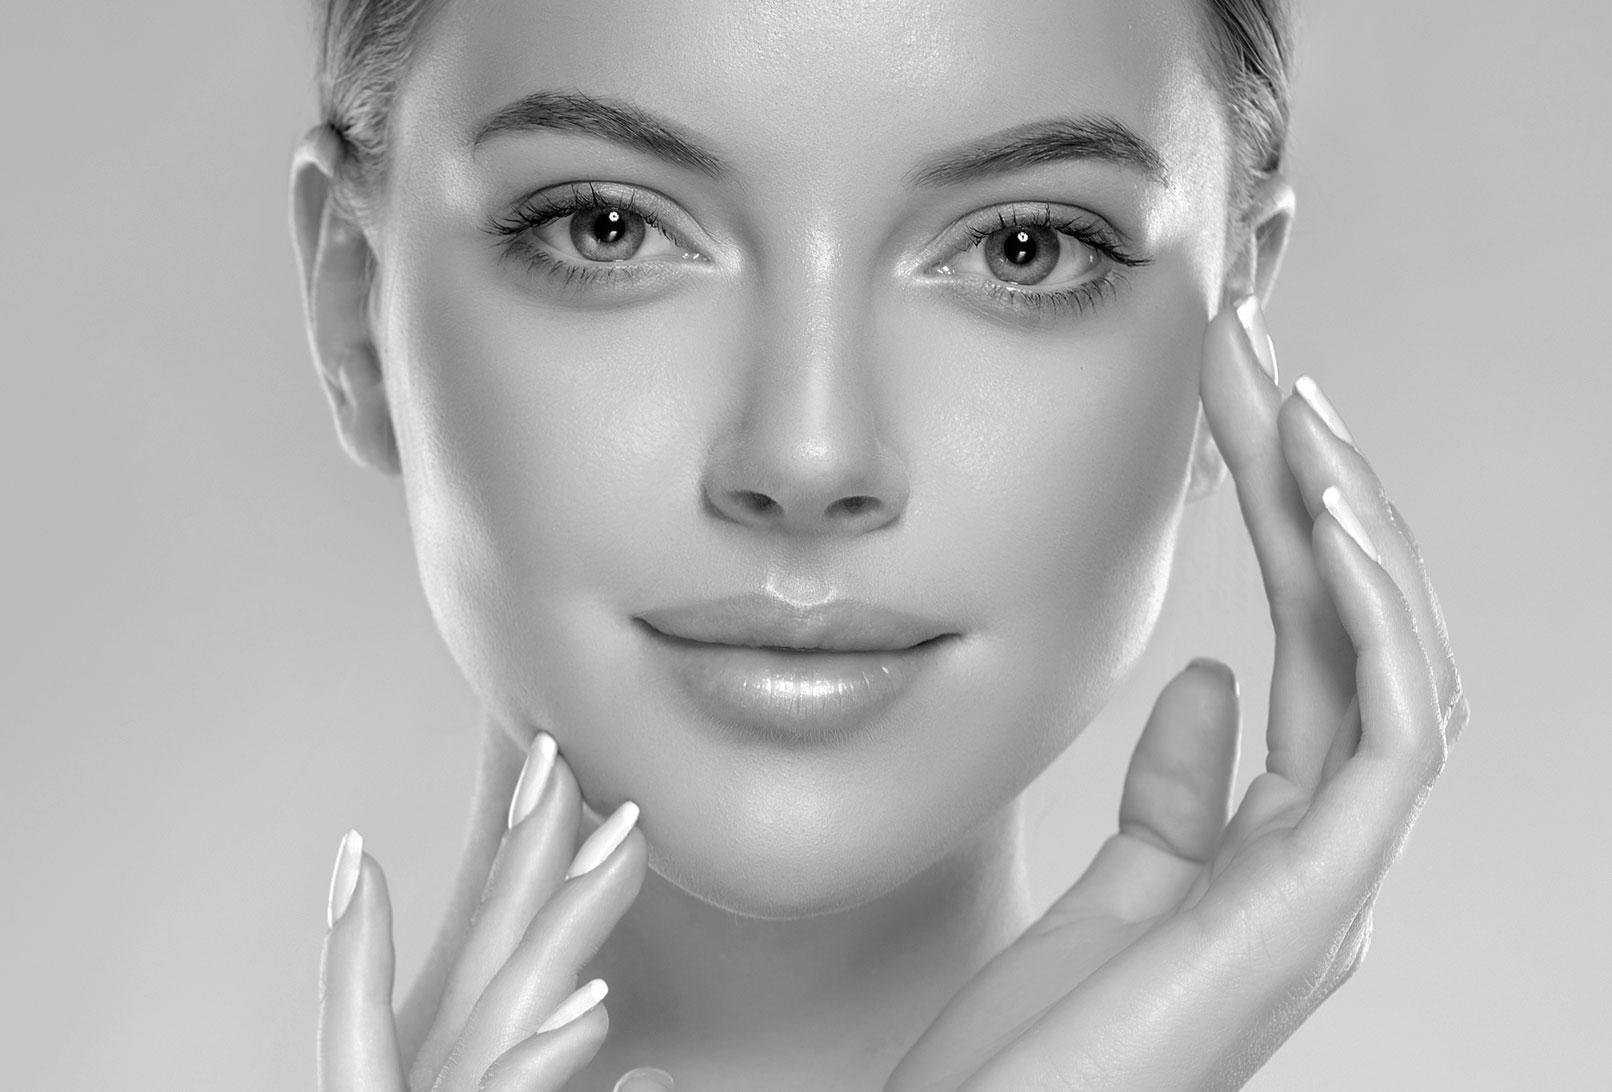 Chirurgie esthétique du visage à Lyon | Dr Durbec